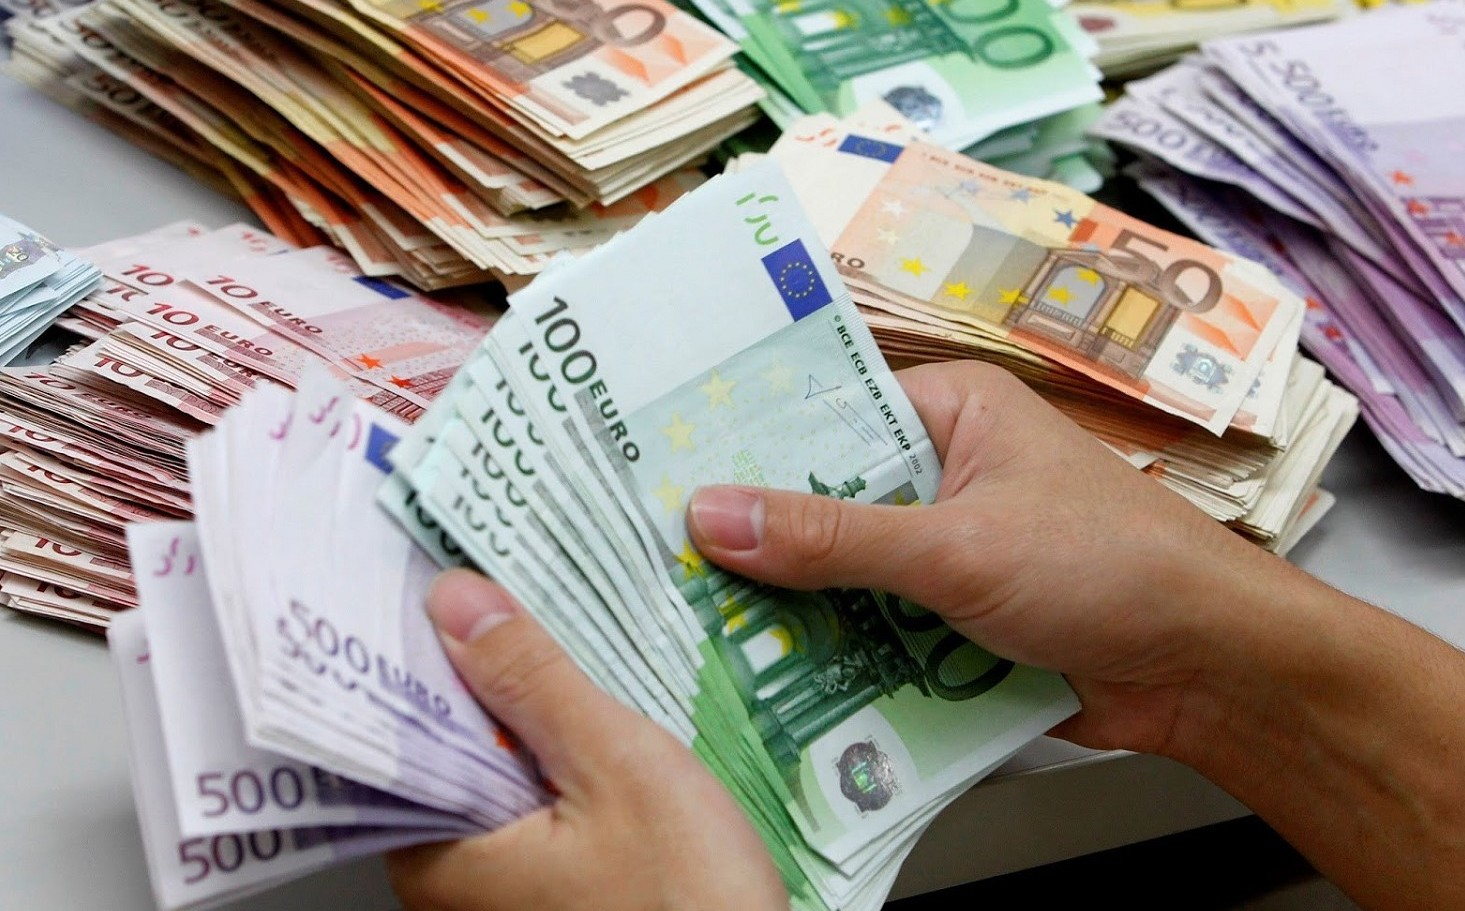 Pensioni novit� oggi gioved� dure richie